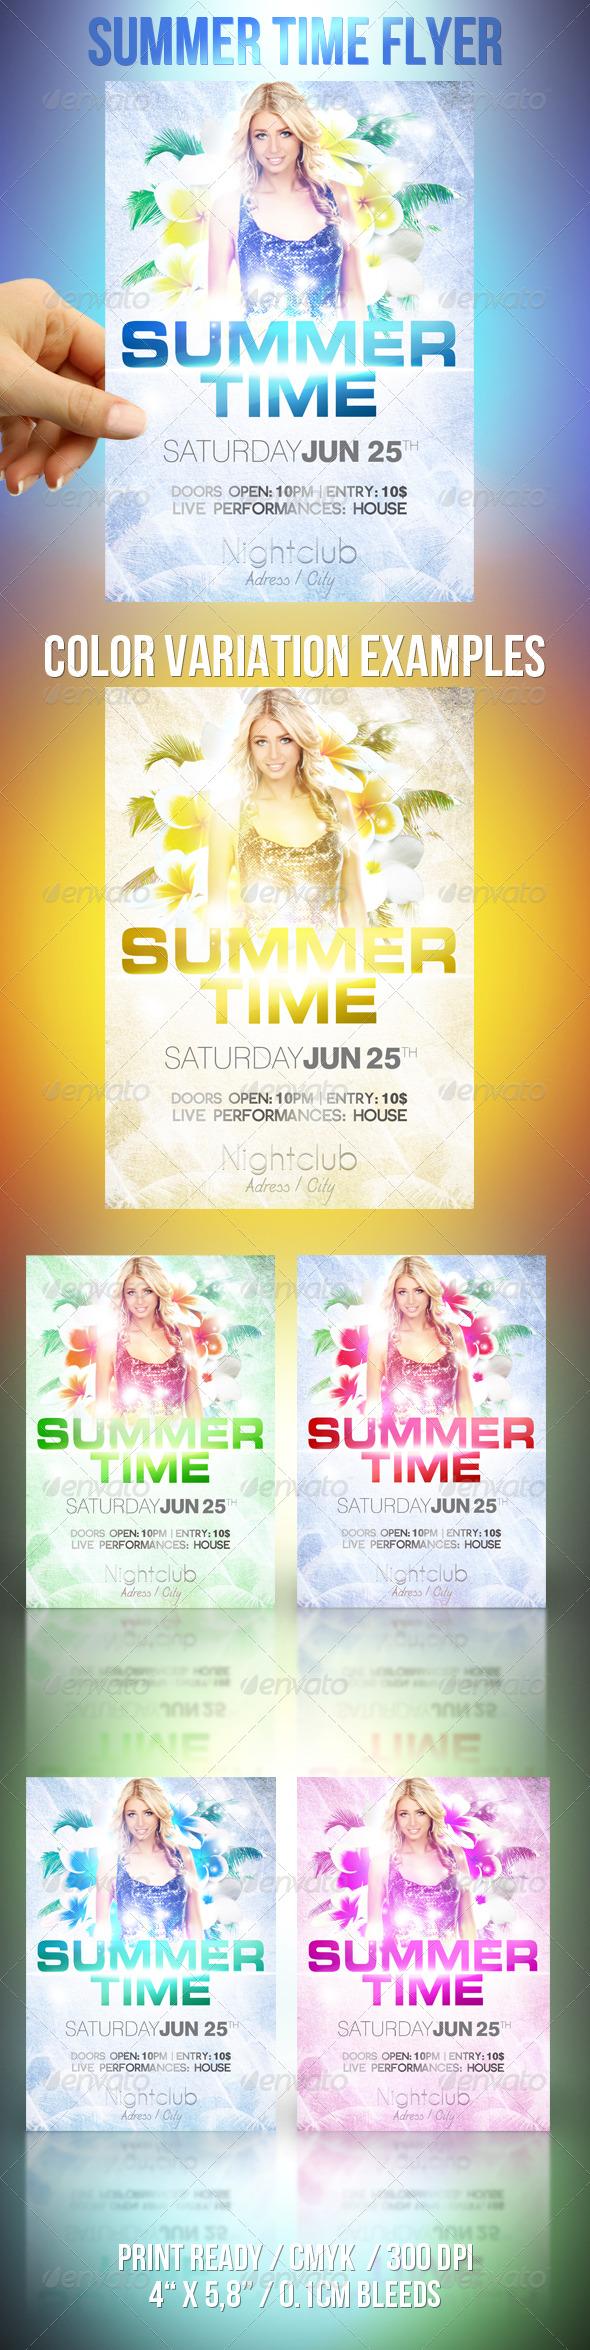 Summer Time Flyer